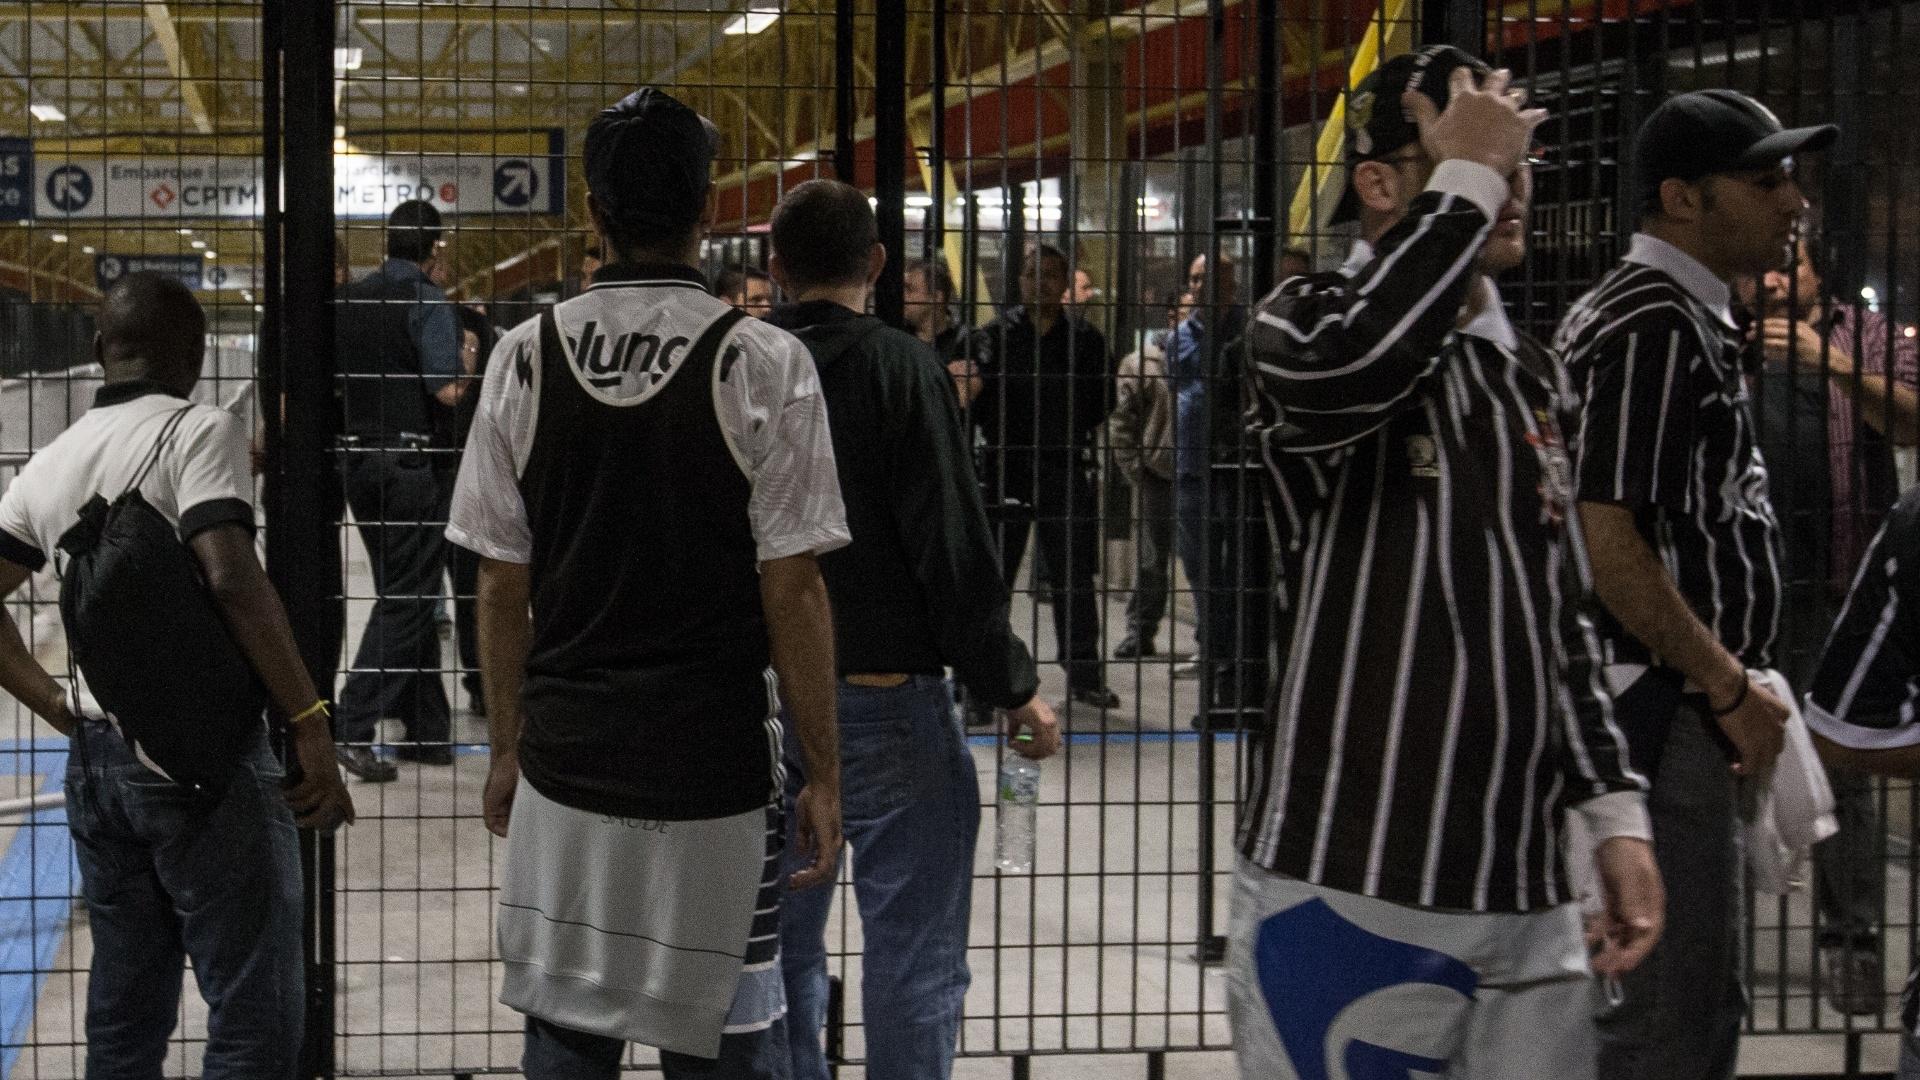 Torcedores do Corinthians não conseguem entrar na estação de metrô após jogo do time no Itaquerão